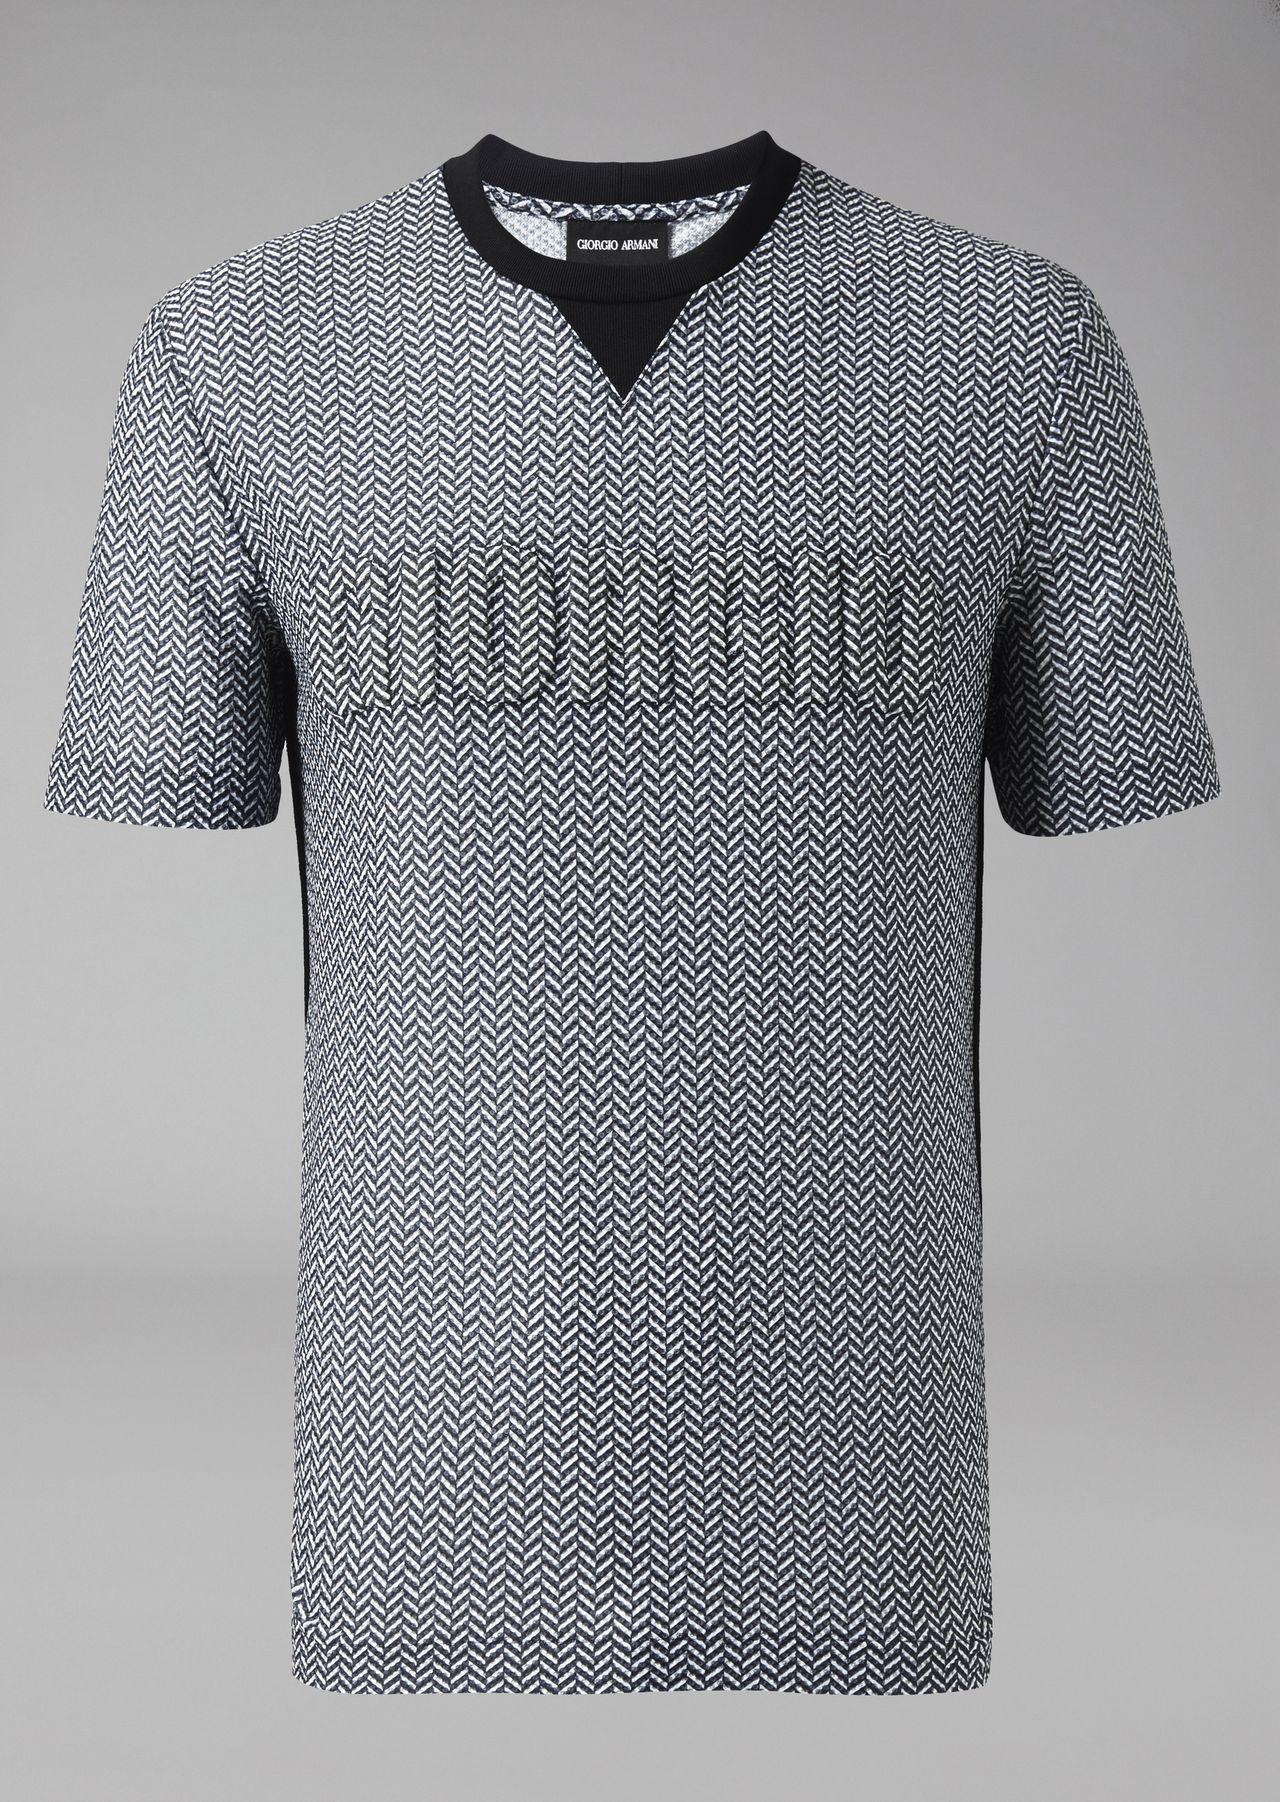 c046fa47e5 T-shirt in chevron pattern jersey with Giorgio print | Man | Giorgio ...